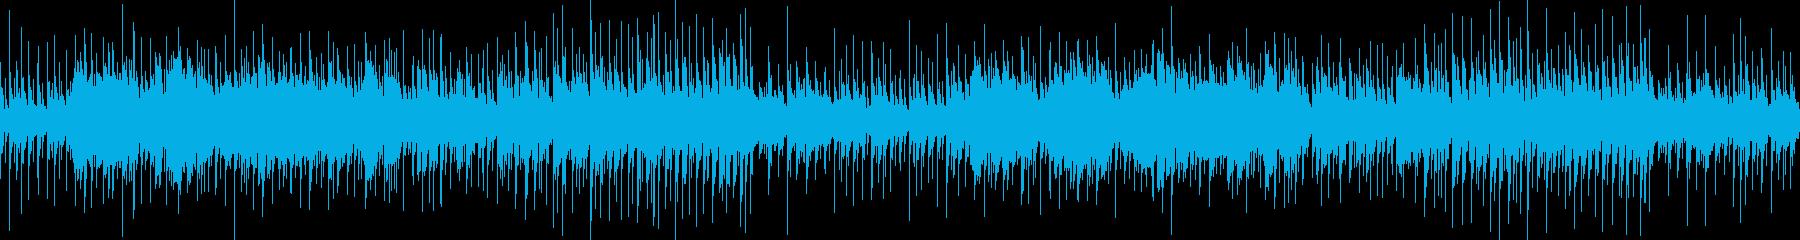 神秘的な雰囲気のループBGMの再生済みの波形